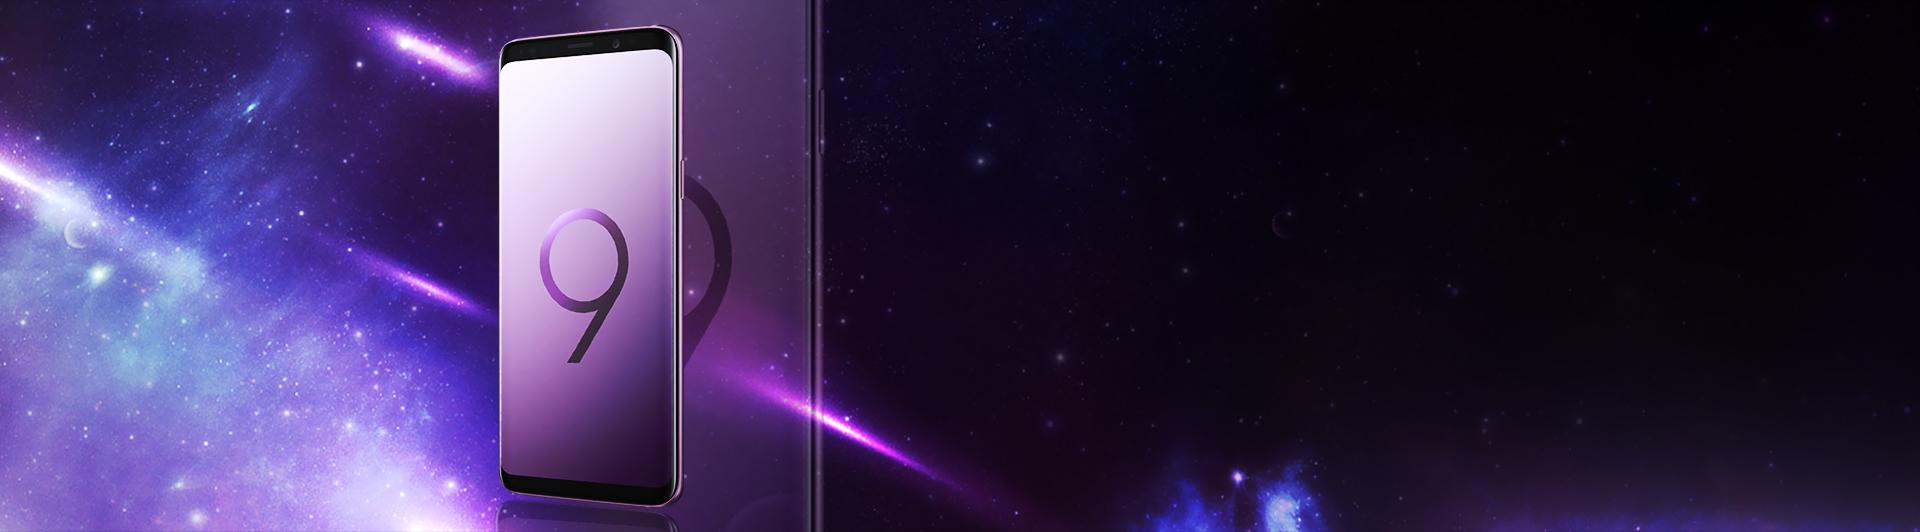 Điện thoại Samsung Galaxy S9 màu tím  màn hình vô cực